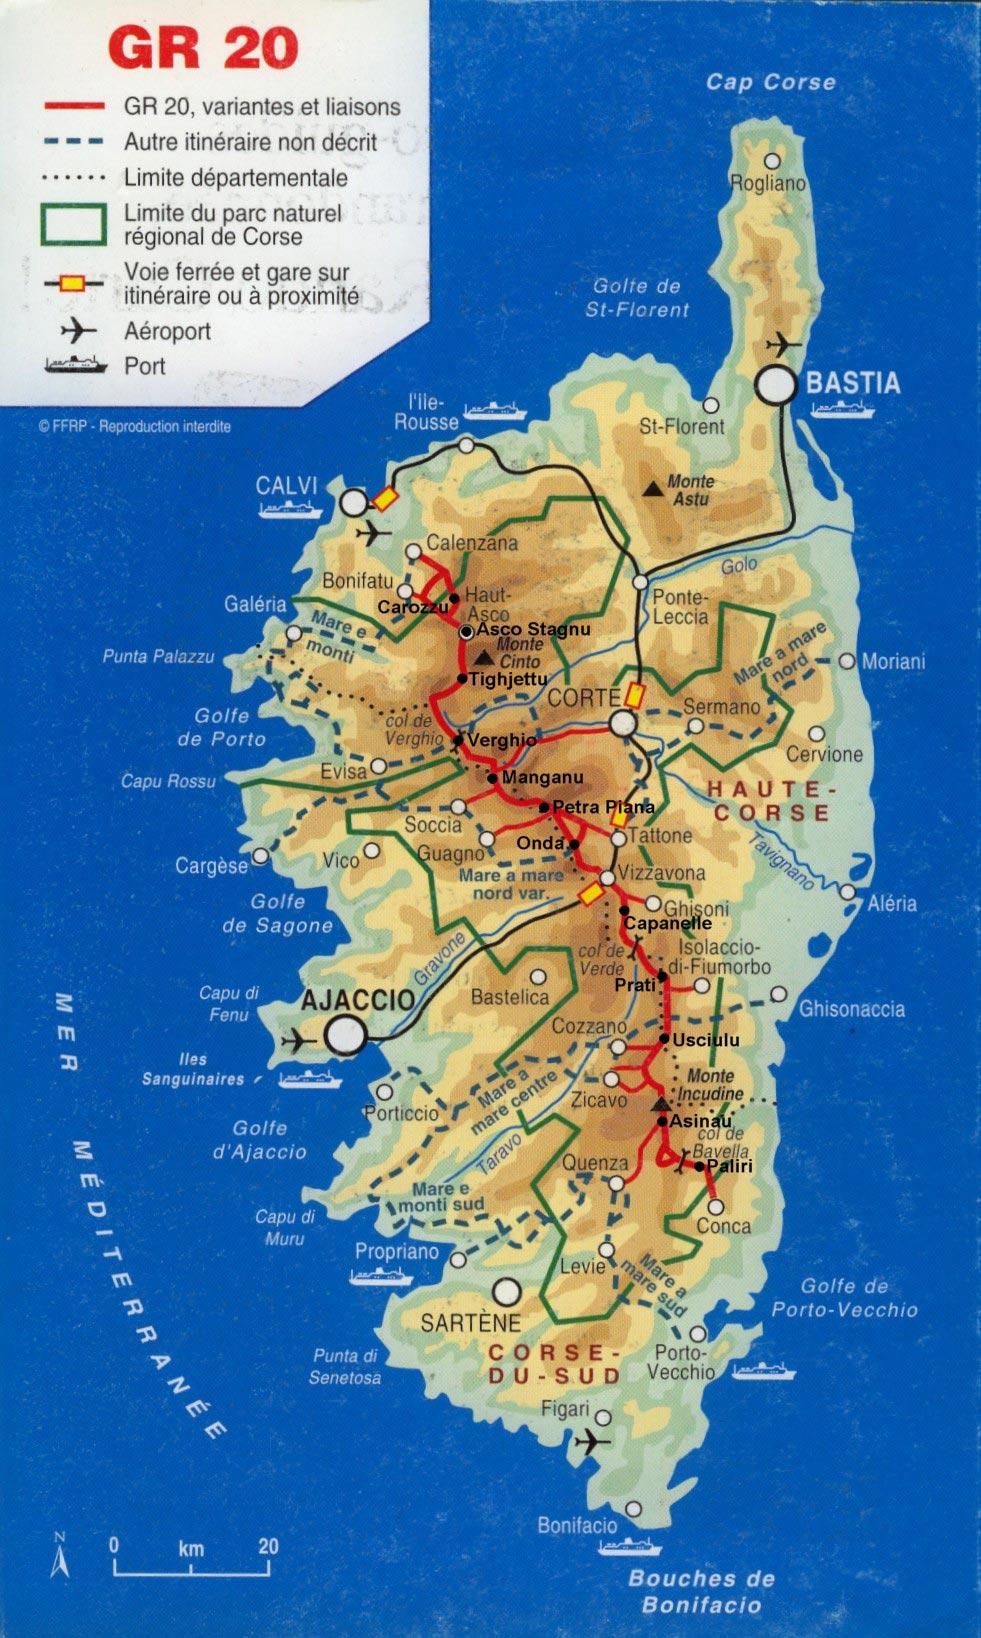 Carte de Corse - Département français